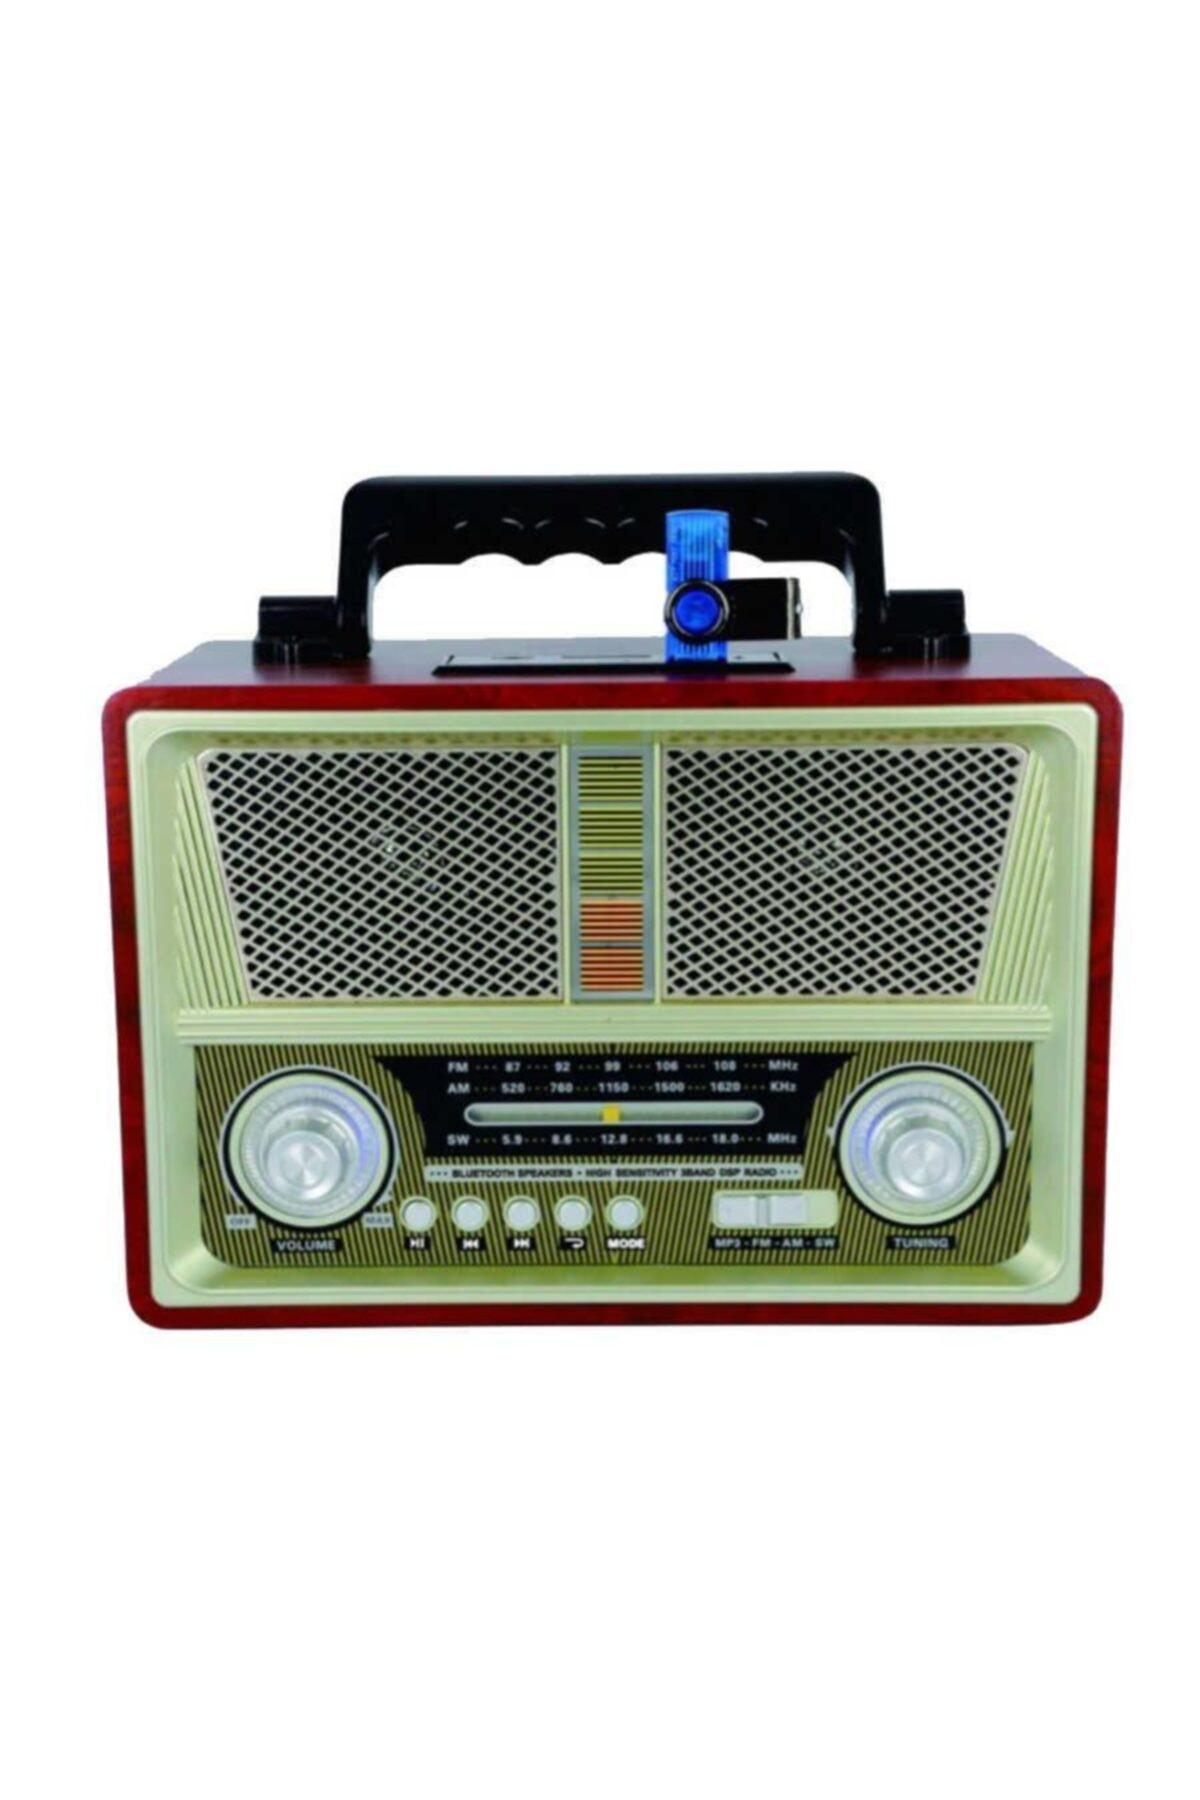 zore Nostaljik Radyo Görünümlü Bluetooth Speaker Ses Bombası 2